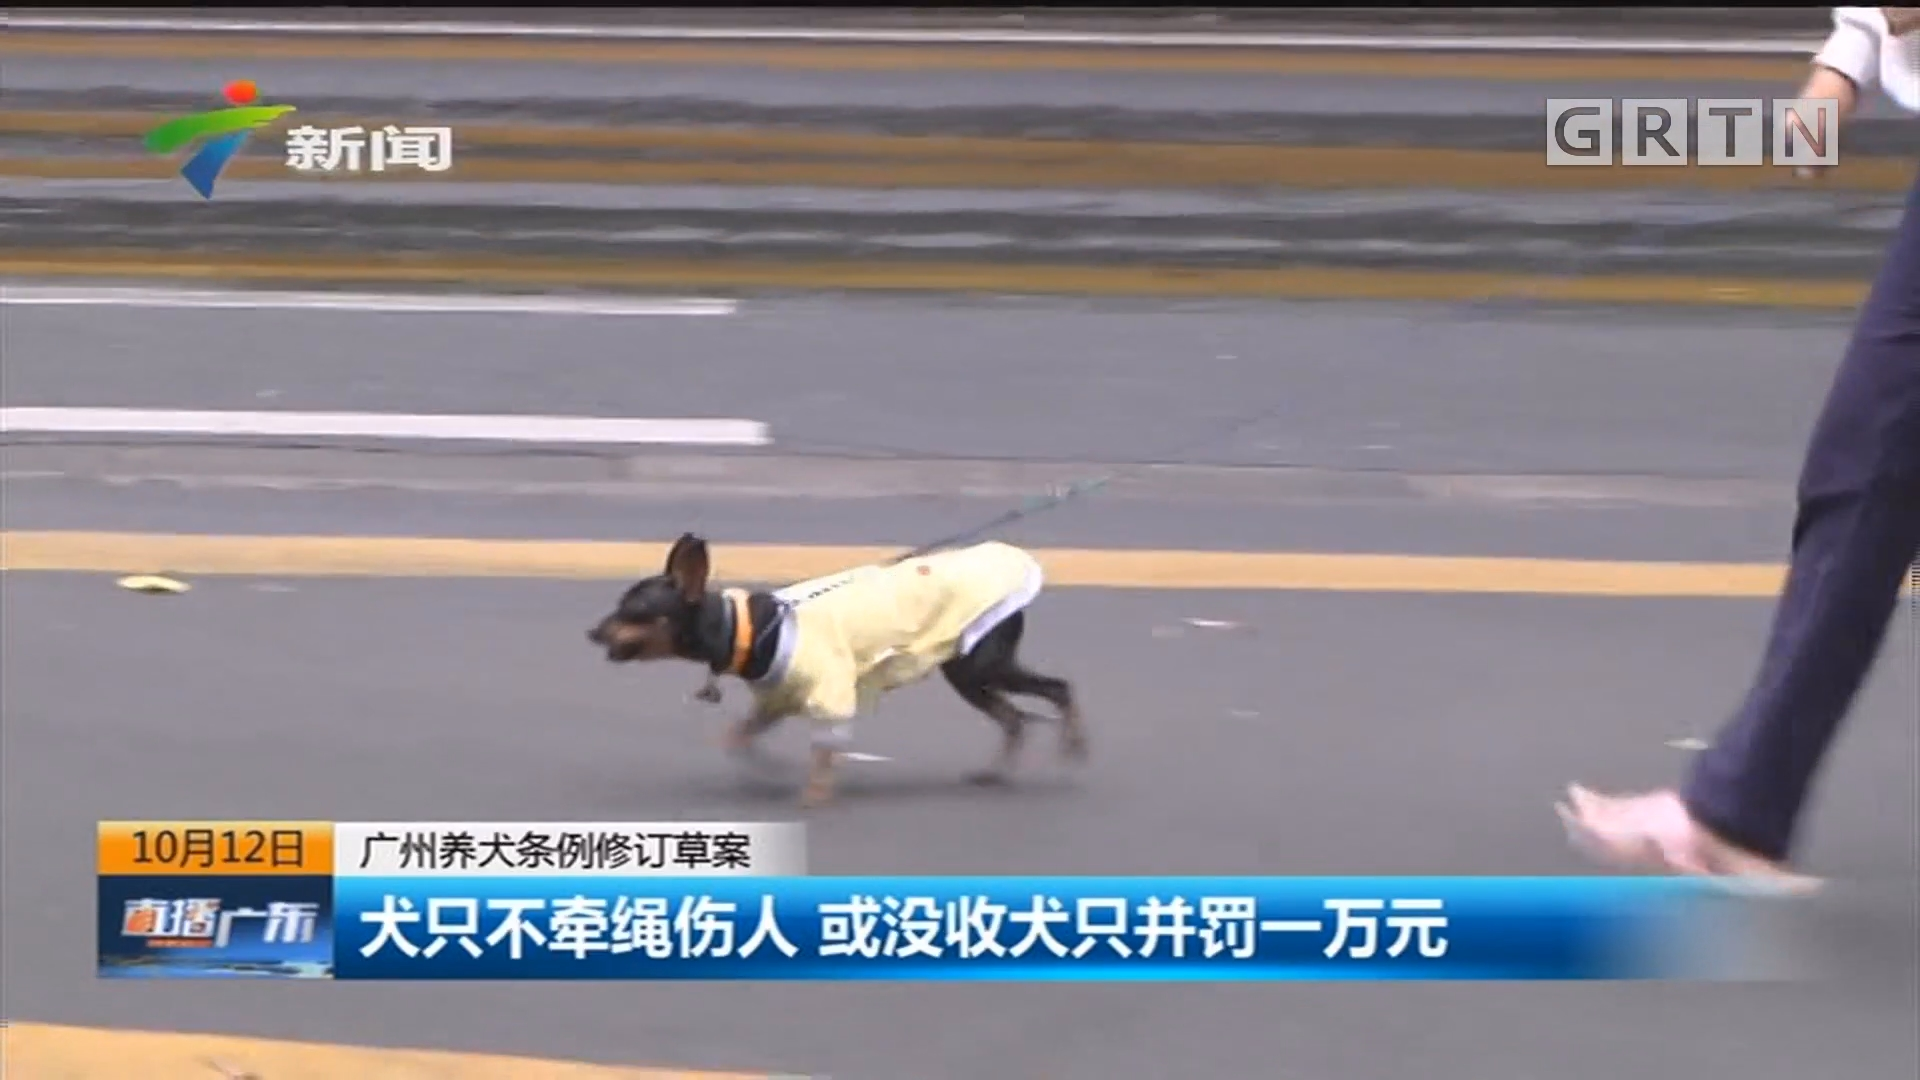 廣州養犬條例修訂草案:犬只不牽繩傷人 或沒收犬只并罰一萬元